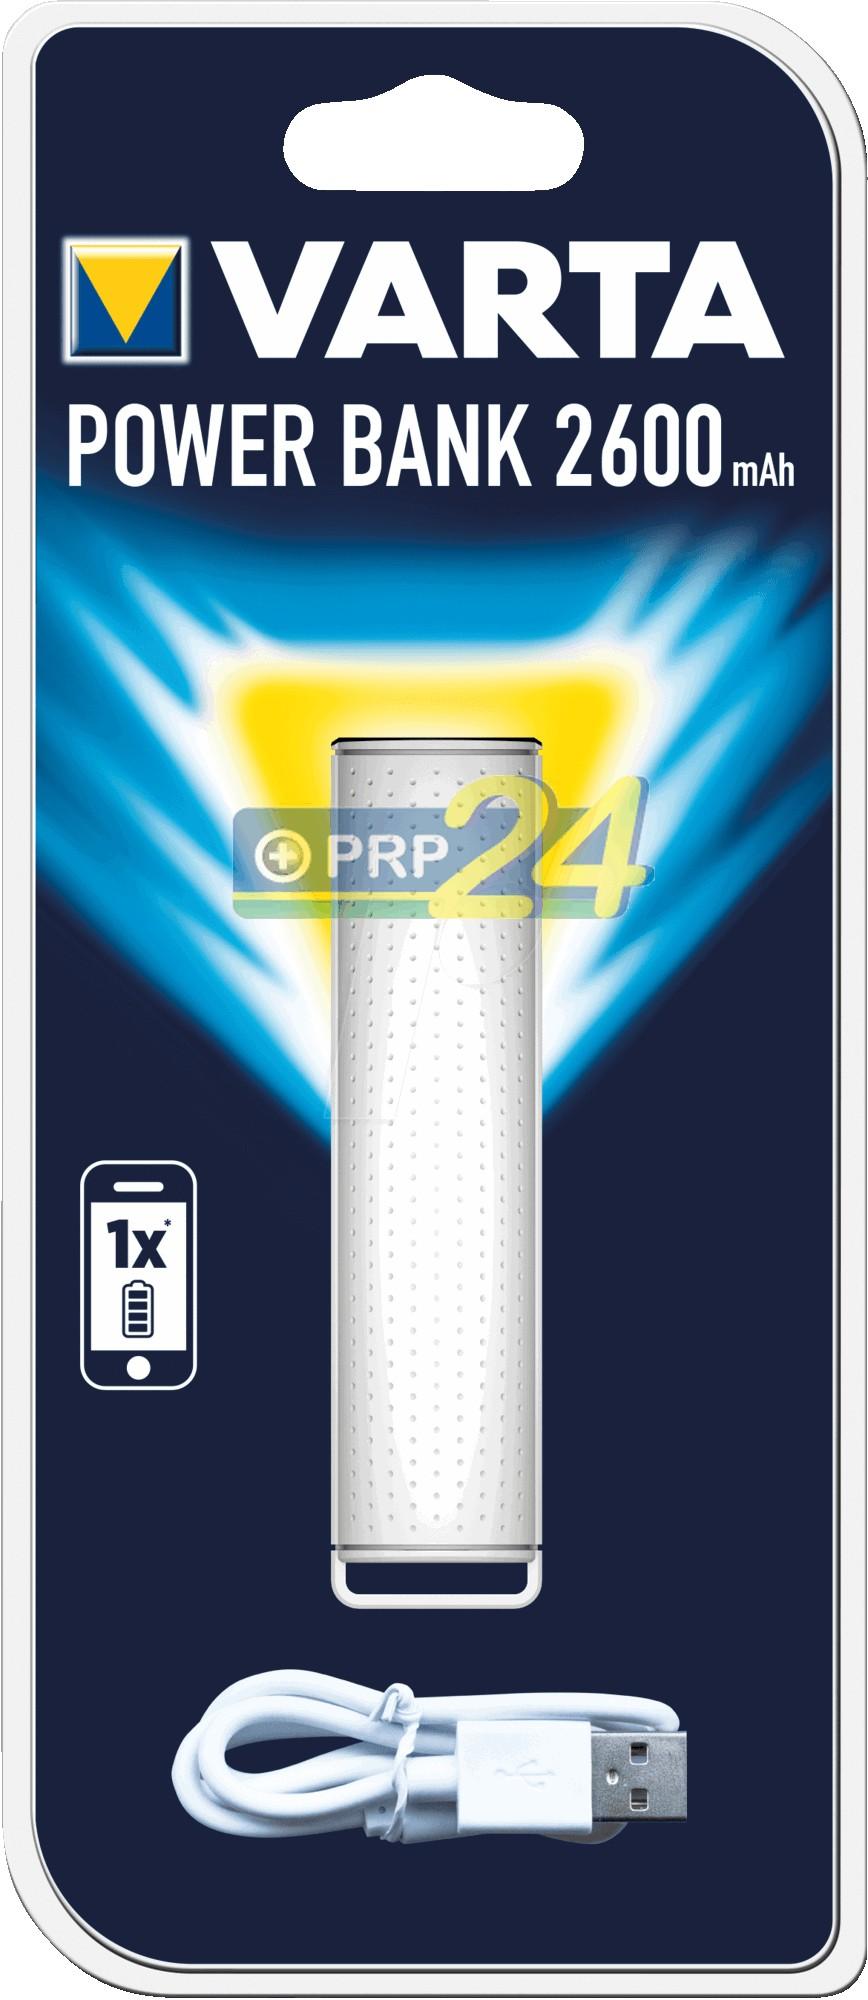 VARTA Powerbank, hordozható energiaforrás 2600 mAh, fehér